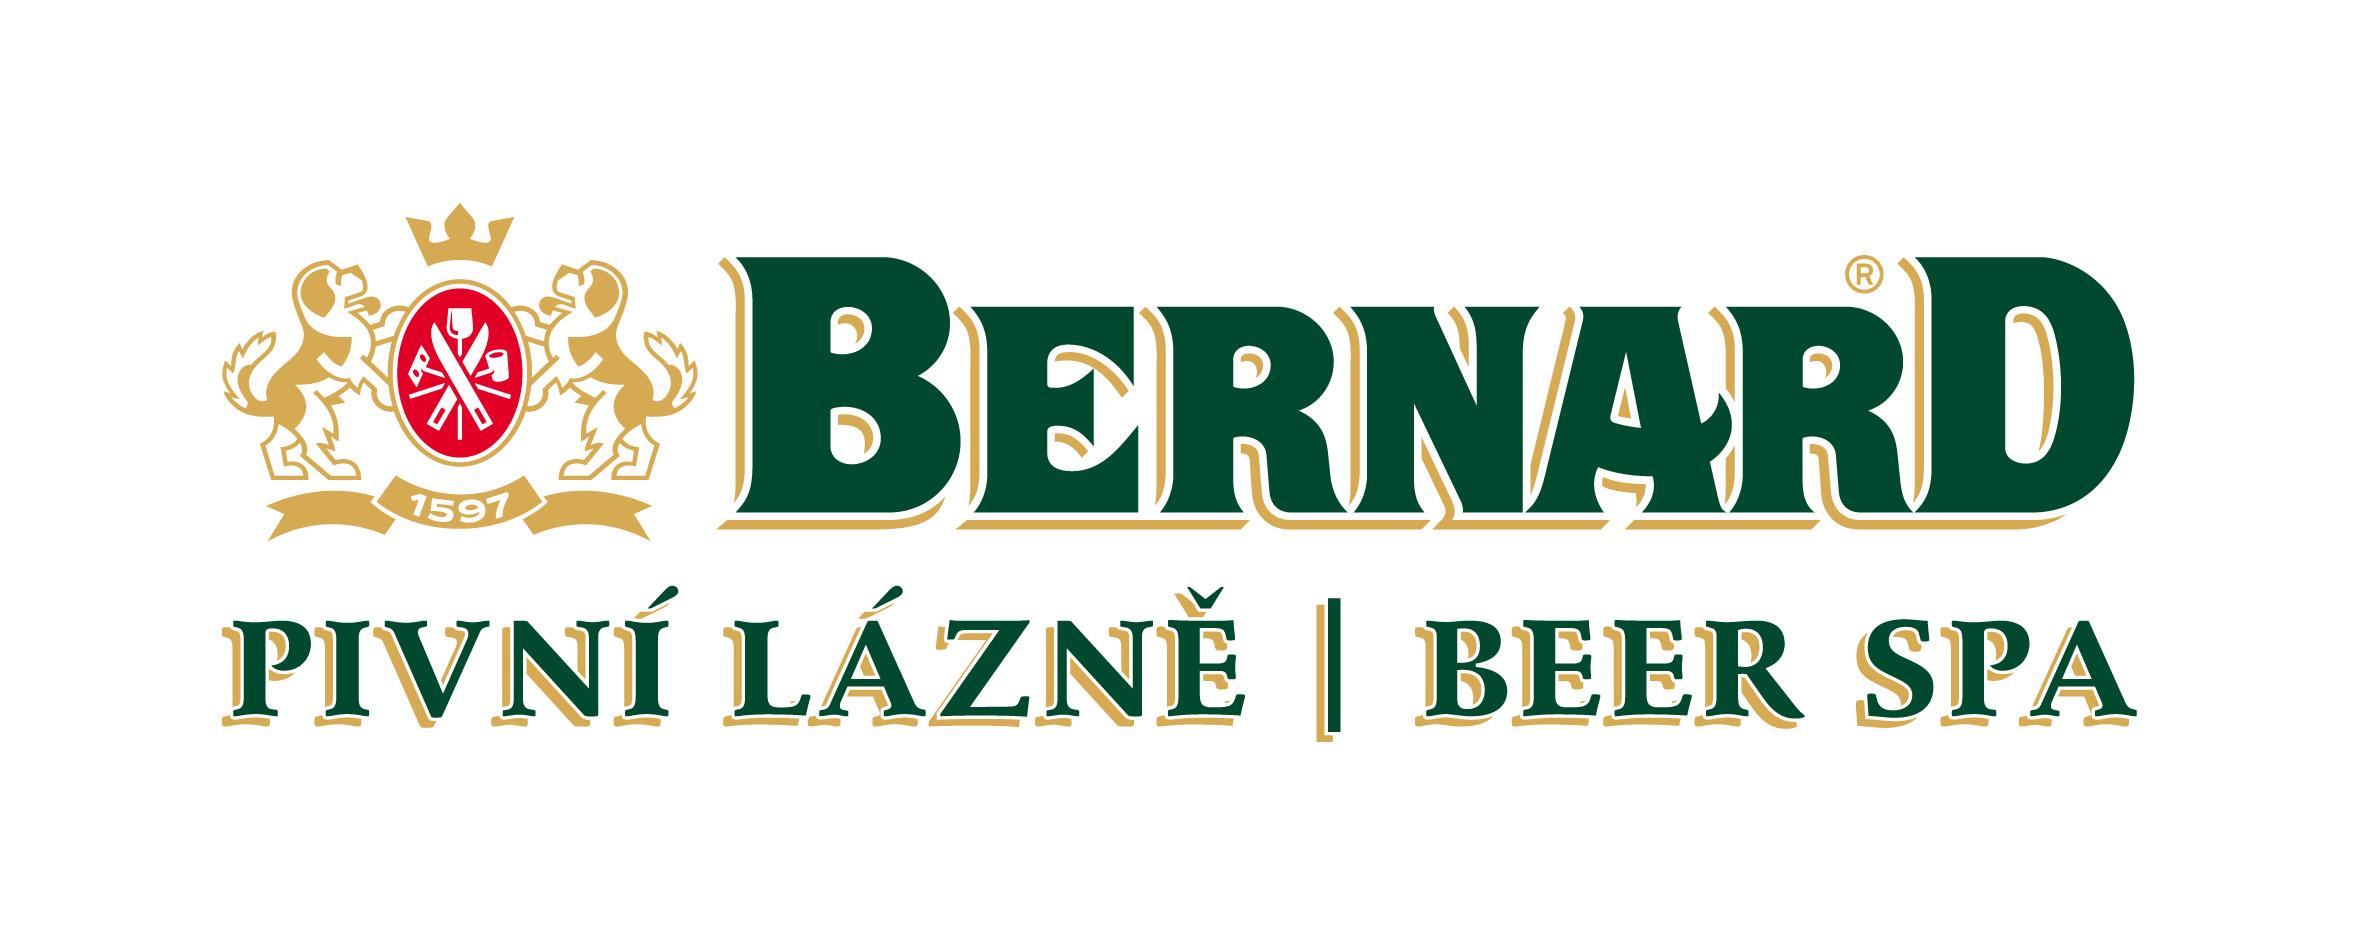 Bernard Pivni lazne